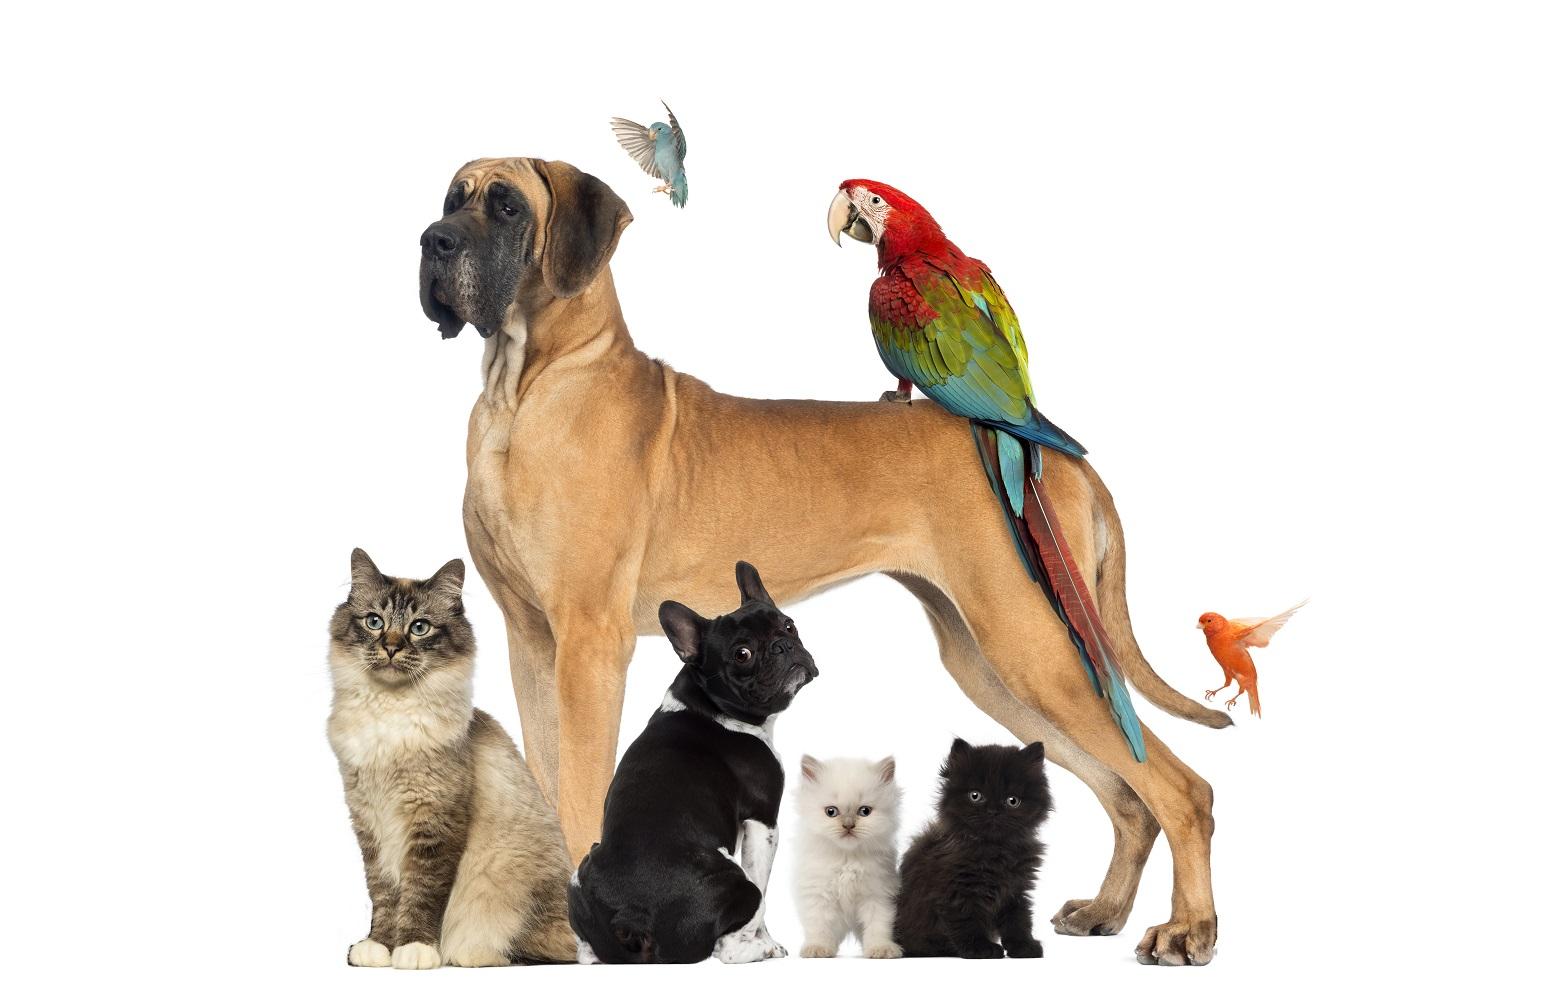 small animals togetherbisklein